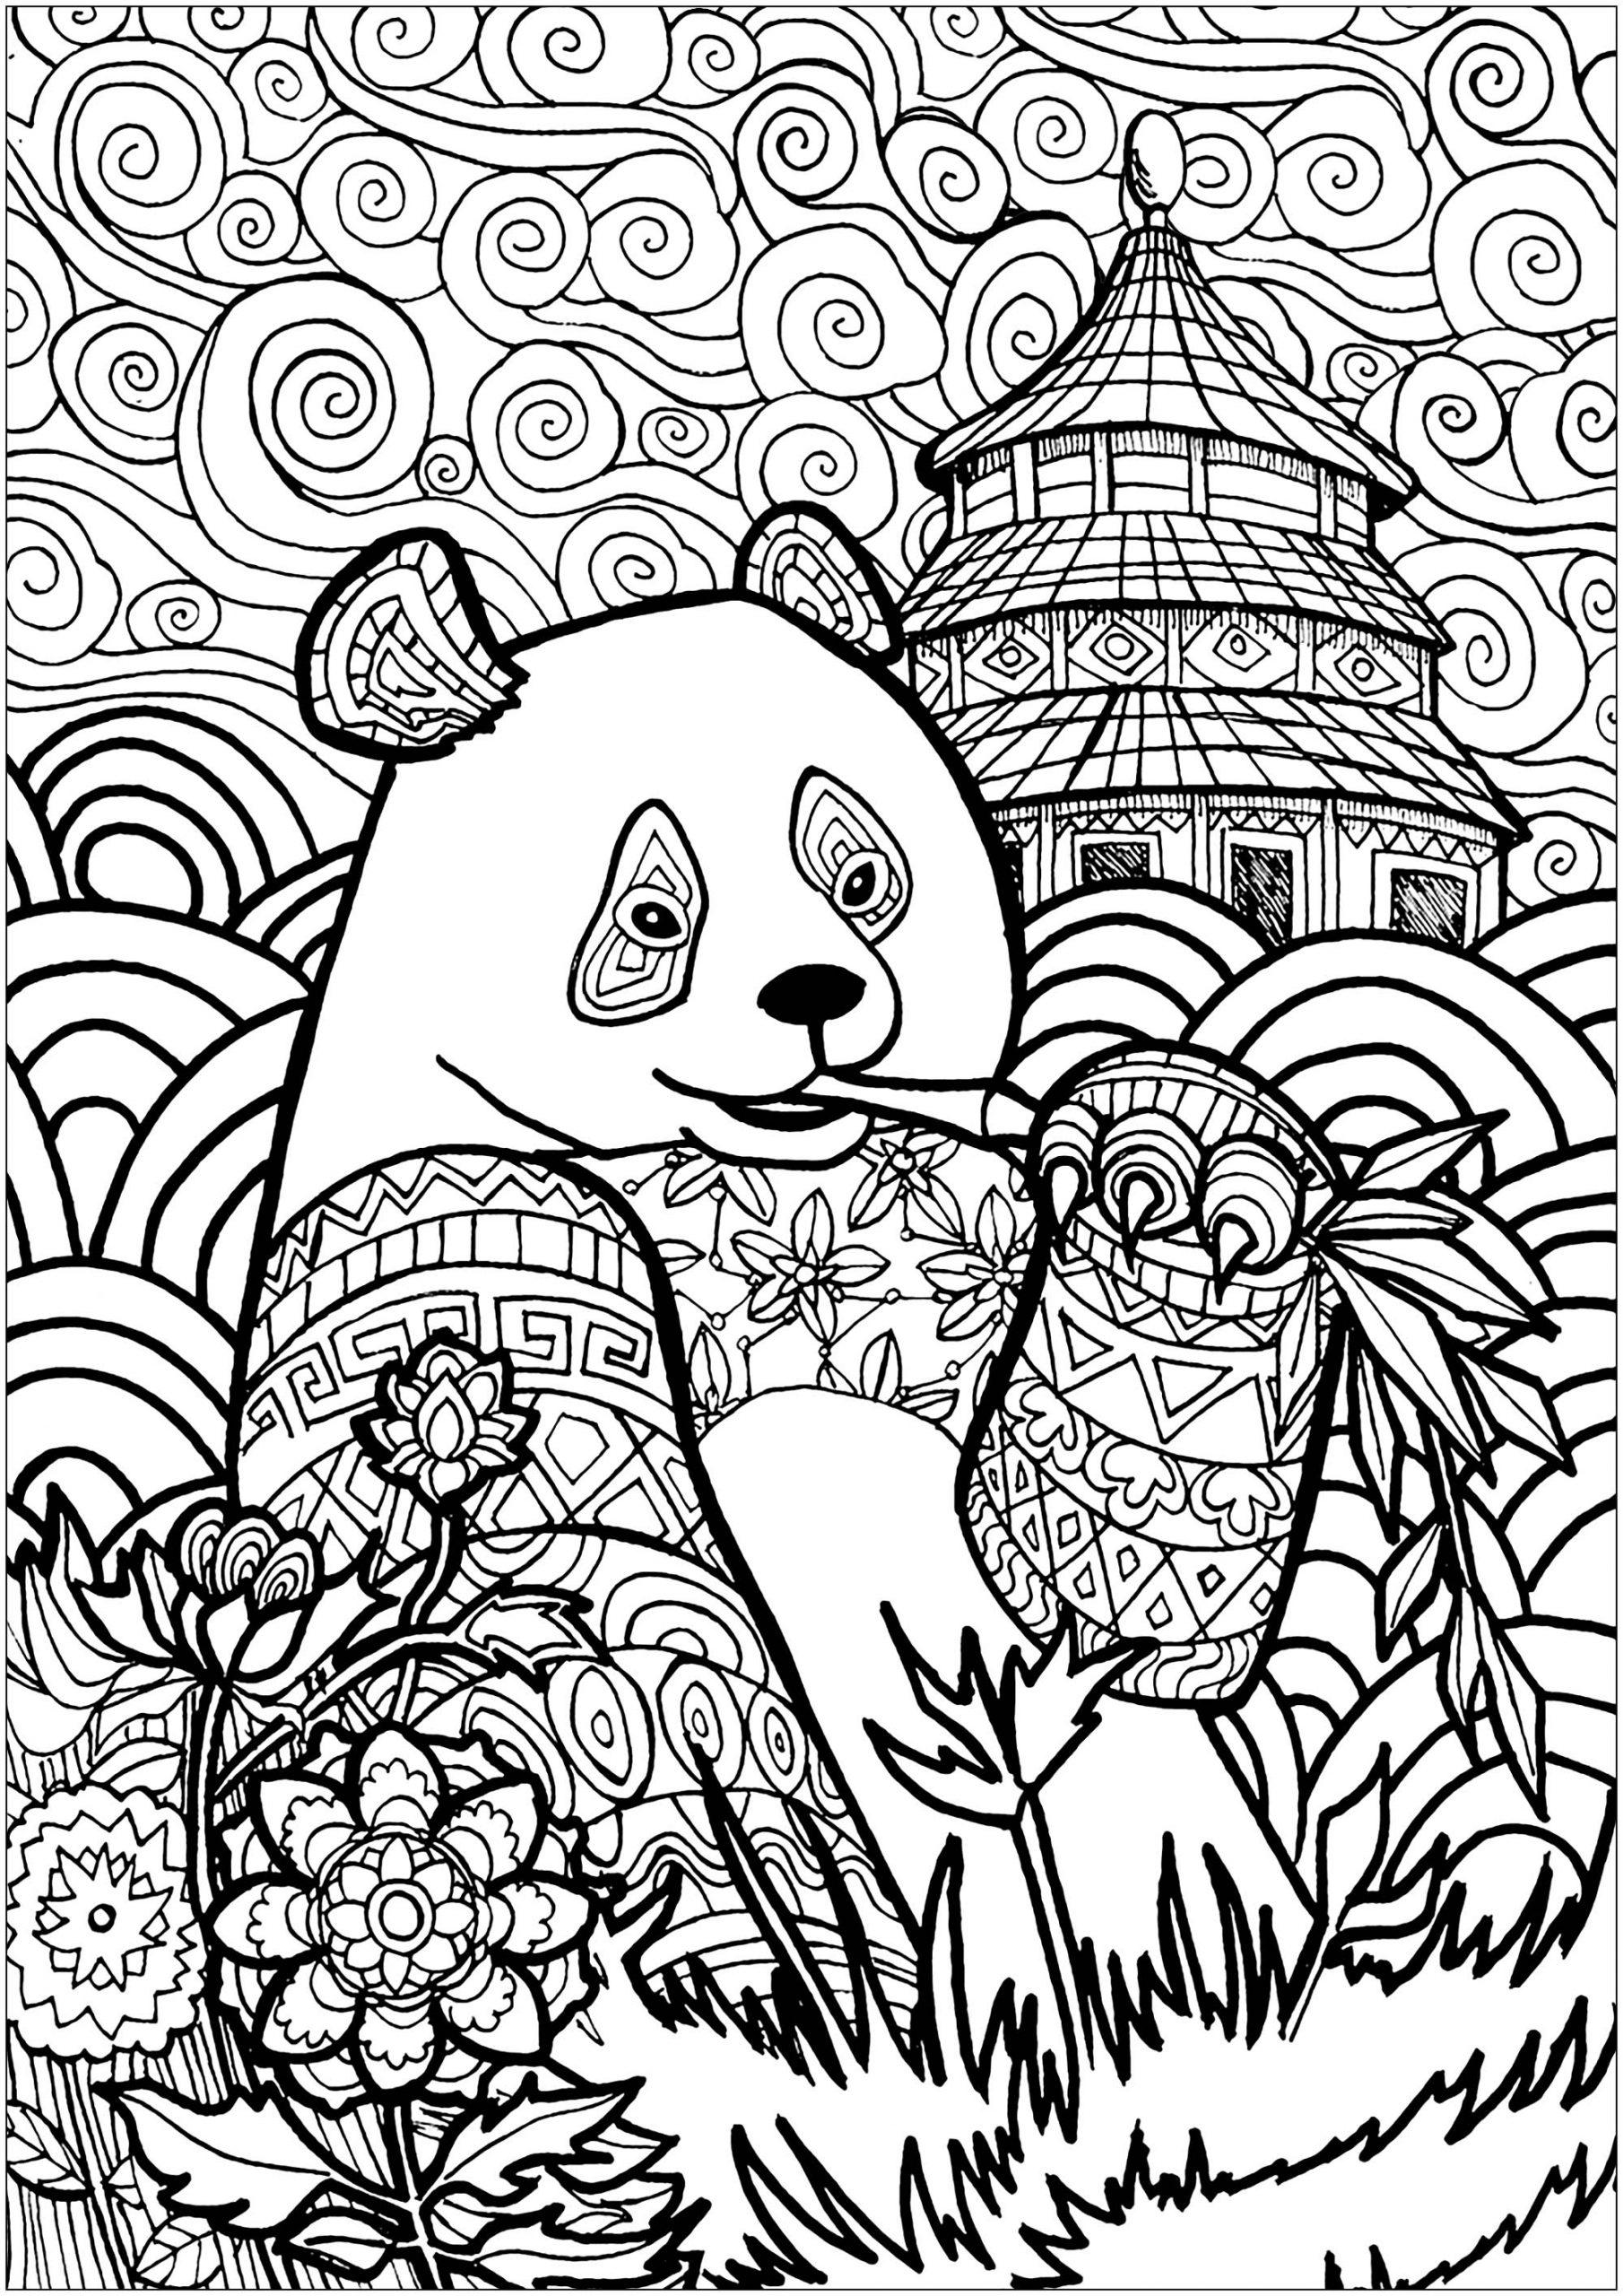 Panda En Chine - Pandas - Coloriages Difficiles Pour Adultes destiné Panda À Colorier